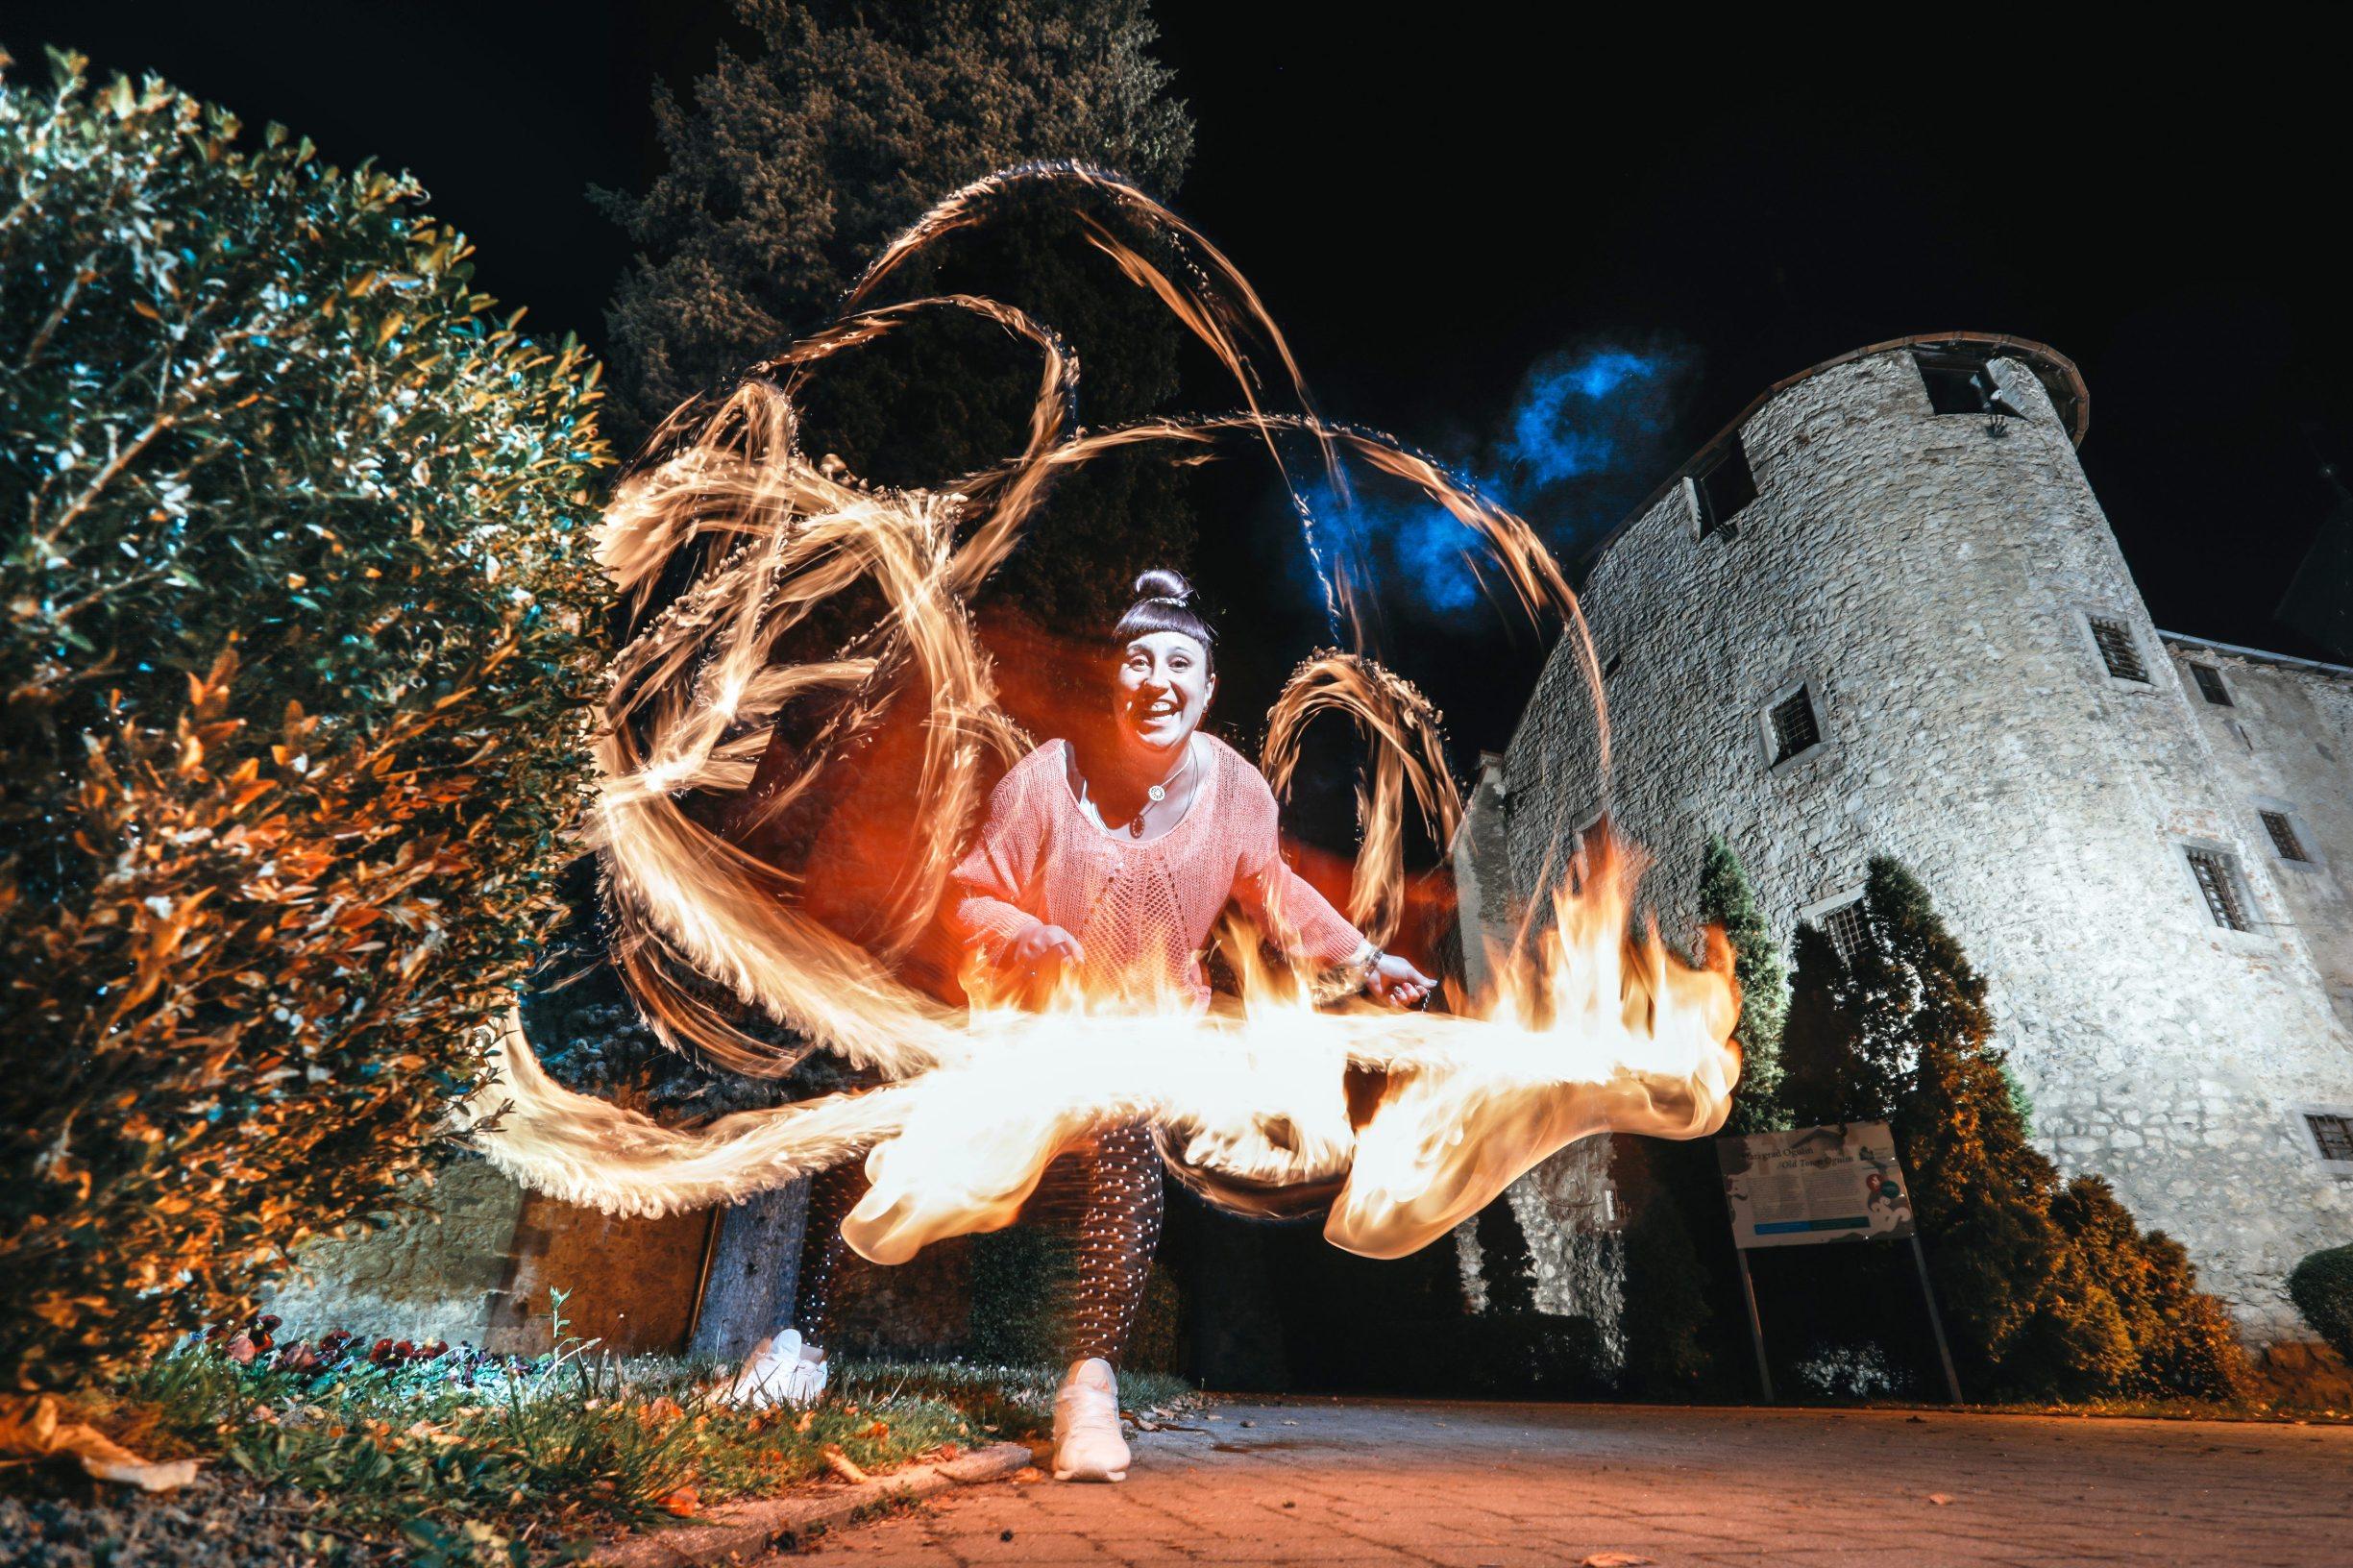 Ogulin, 281019 Reportaza o Ogulinu. Na fotografiji Ana Stipetic, nezaposlena Ogulinka, POI plesacica Foto: Danijel Soldo / CROPIX